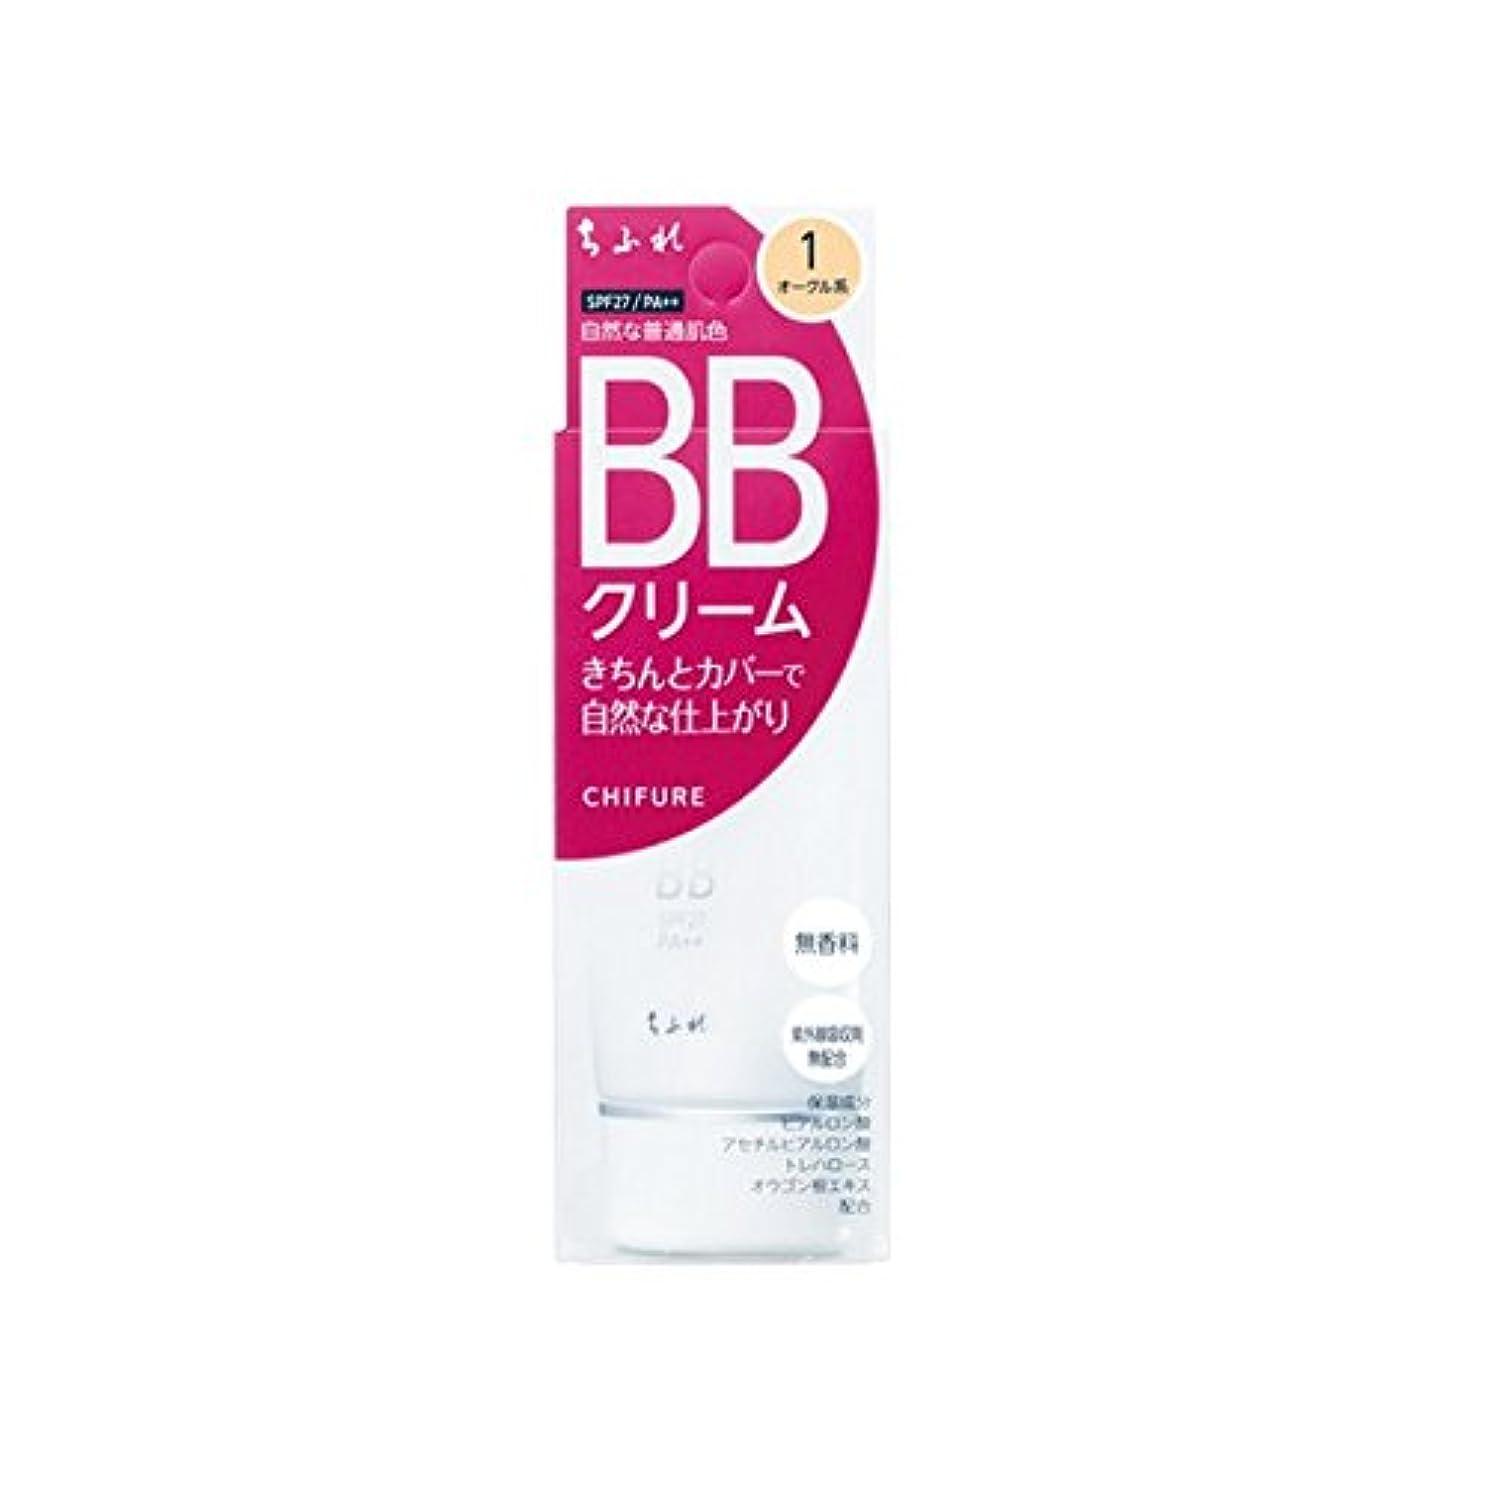 権限操縦するシリーズちふれ化粧品 BB クリーム 1 自然な普通肌色 BBクリーム 1